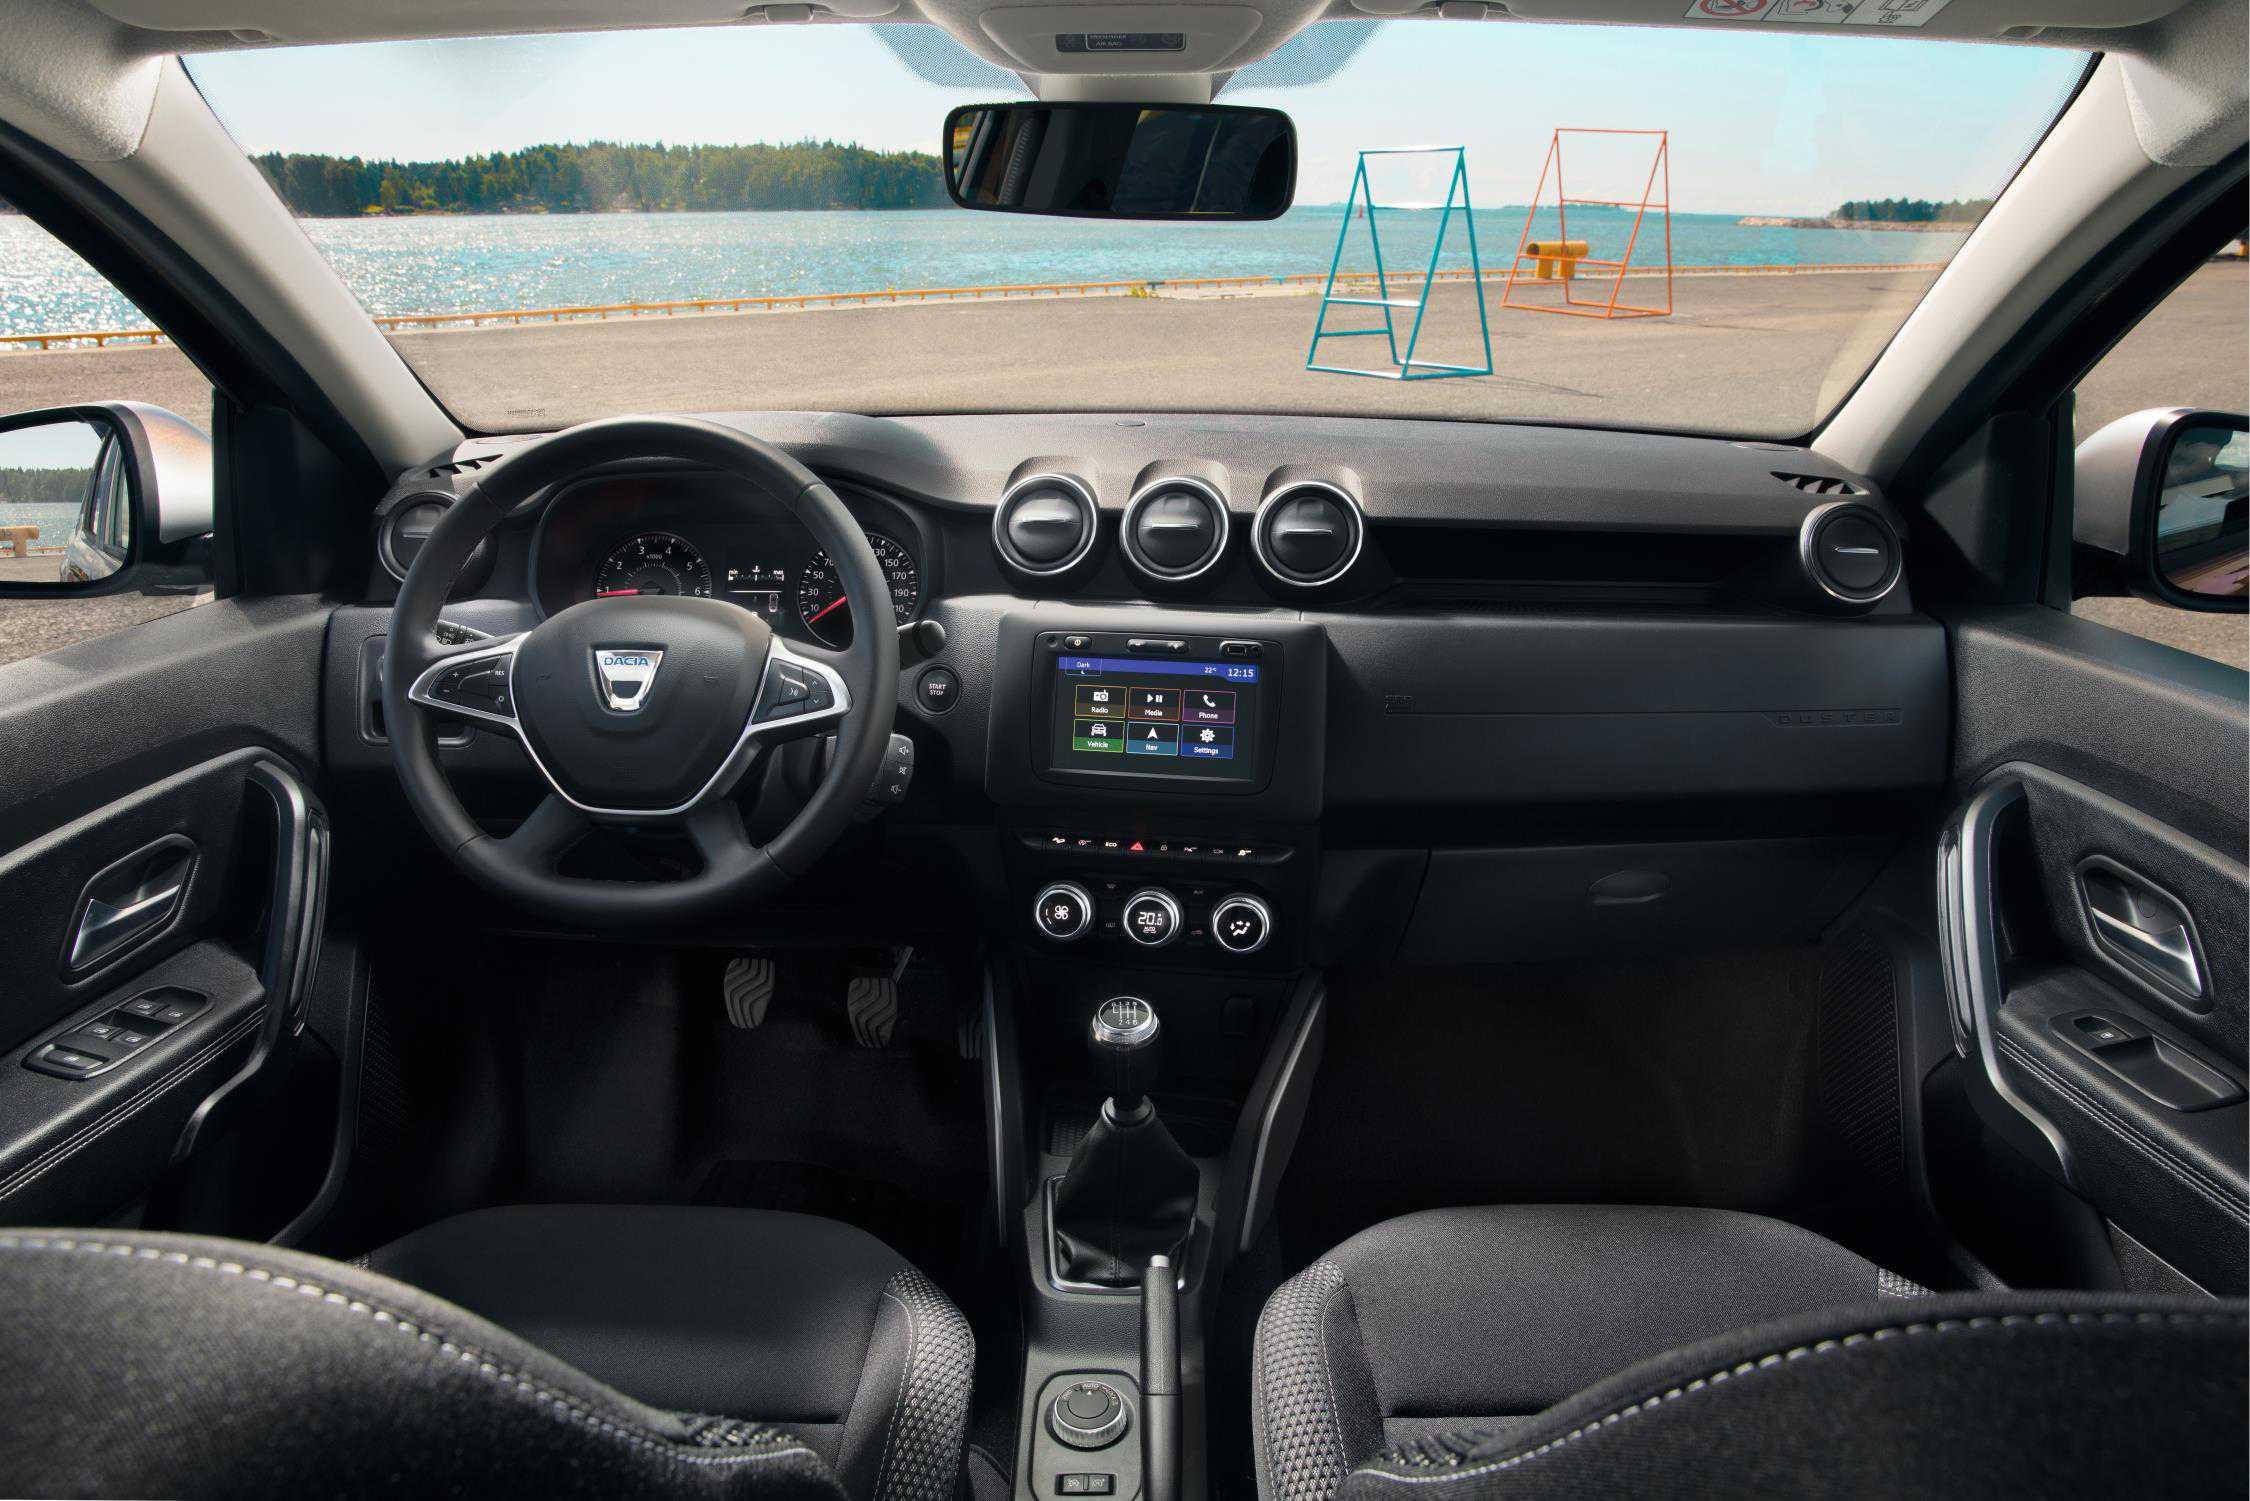 תא הנהג של דאצ'יה דאסטר החדש. לפי היצרן מדובר בשיפור מהותי בחומרים ותוספת של איבזור נוחות. צילום: דאצ'יה